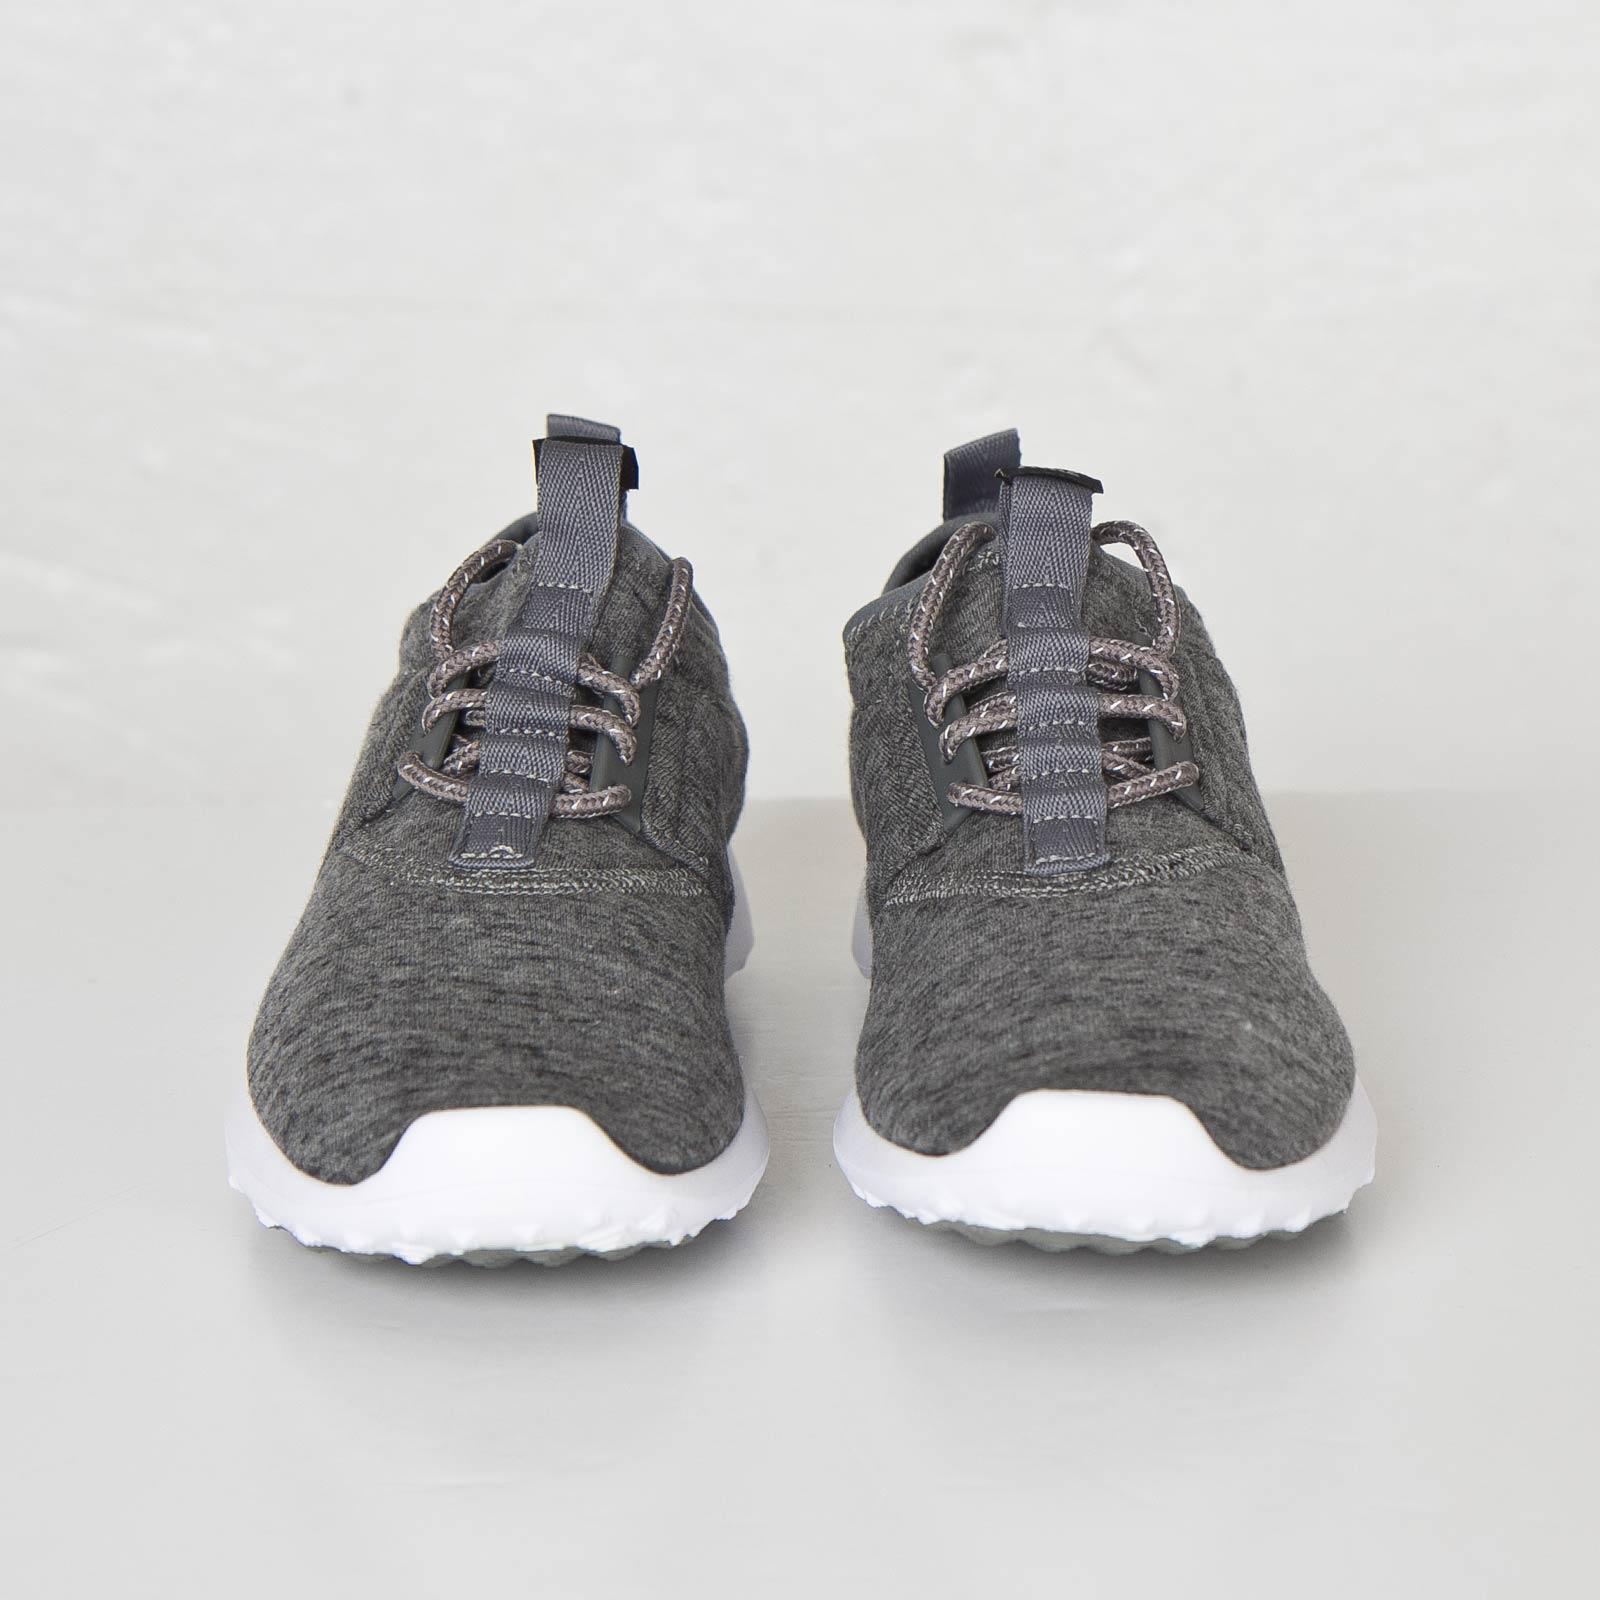 nike juvenate fleece grey 7.5